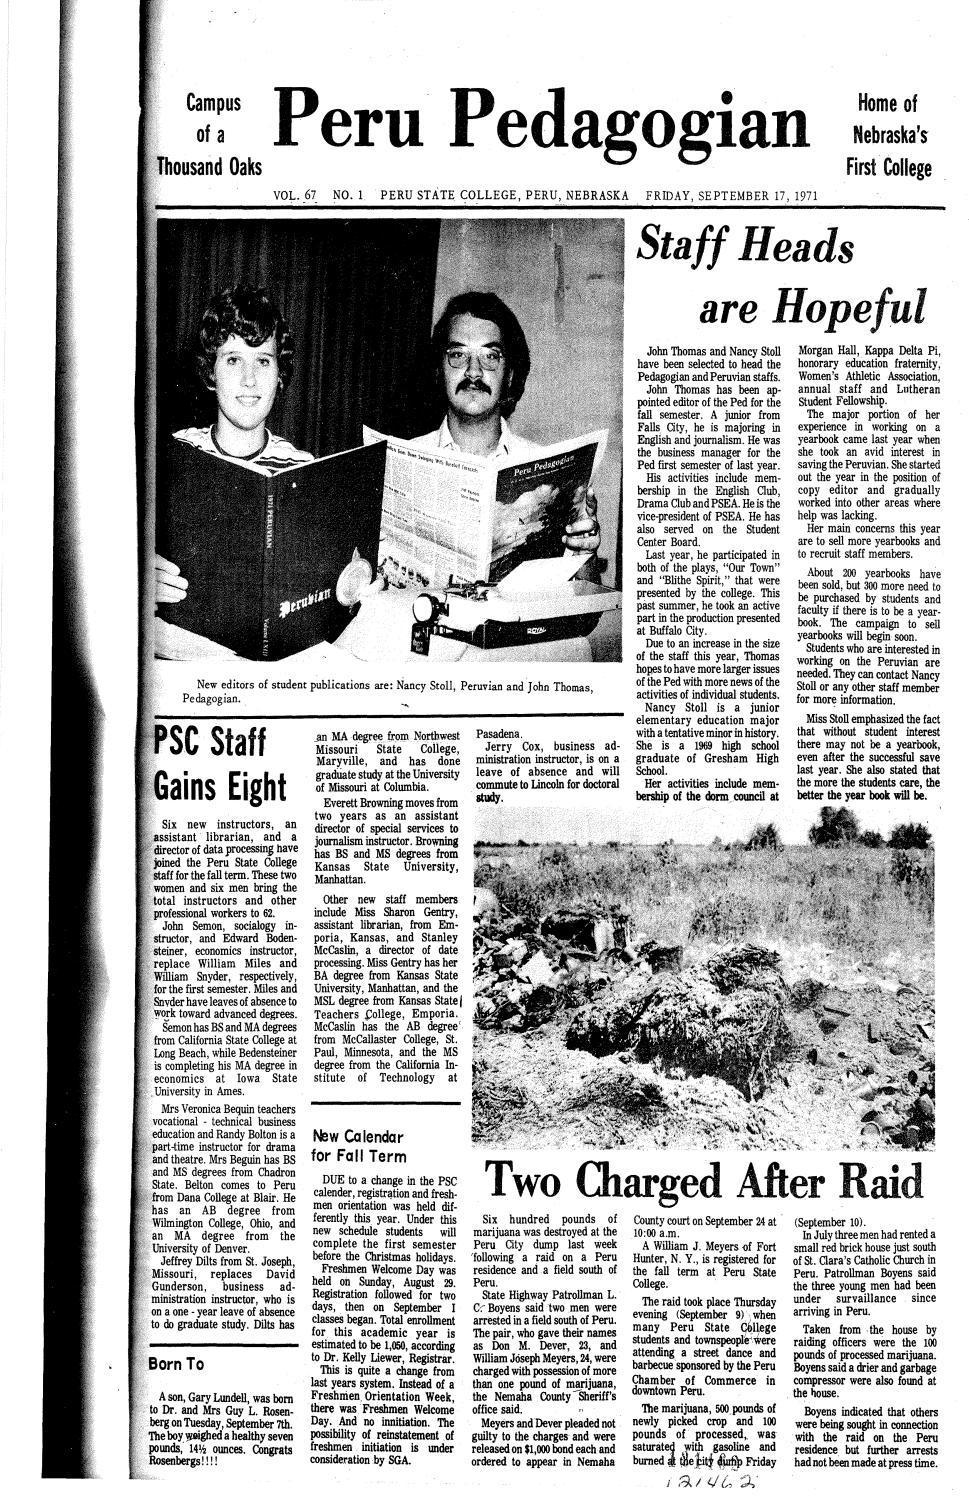 1971-1972 Peru Pedagogian - issues 1-25 by Peru State College